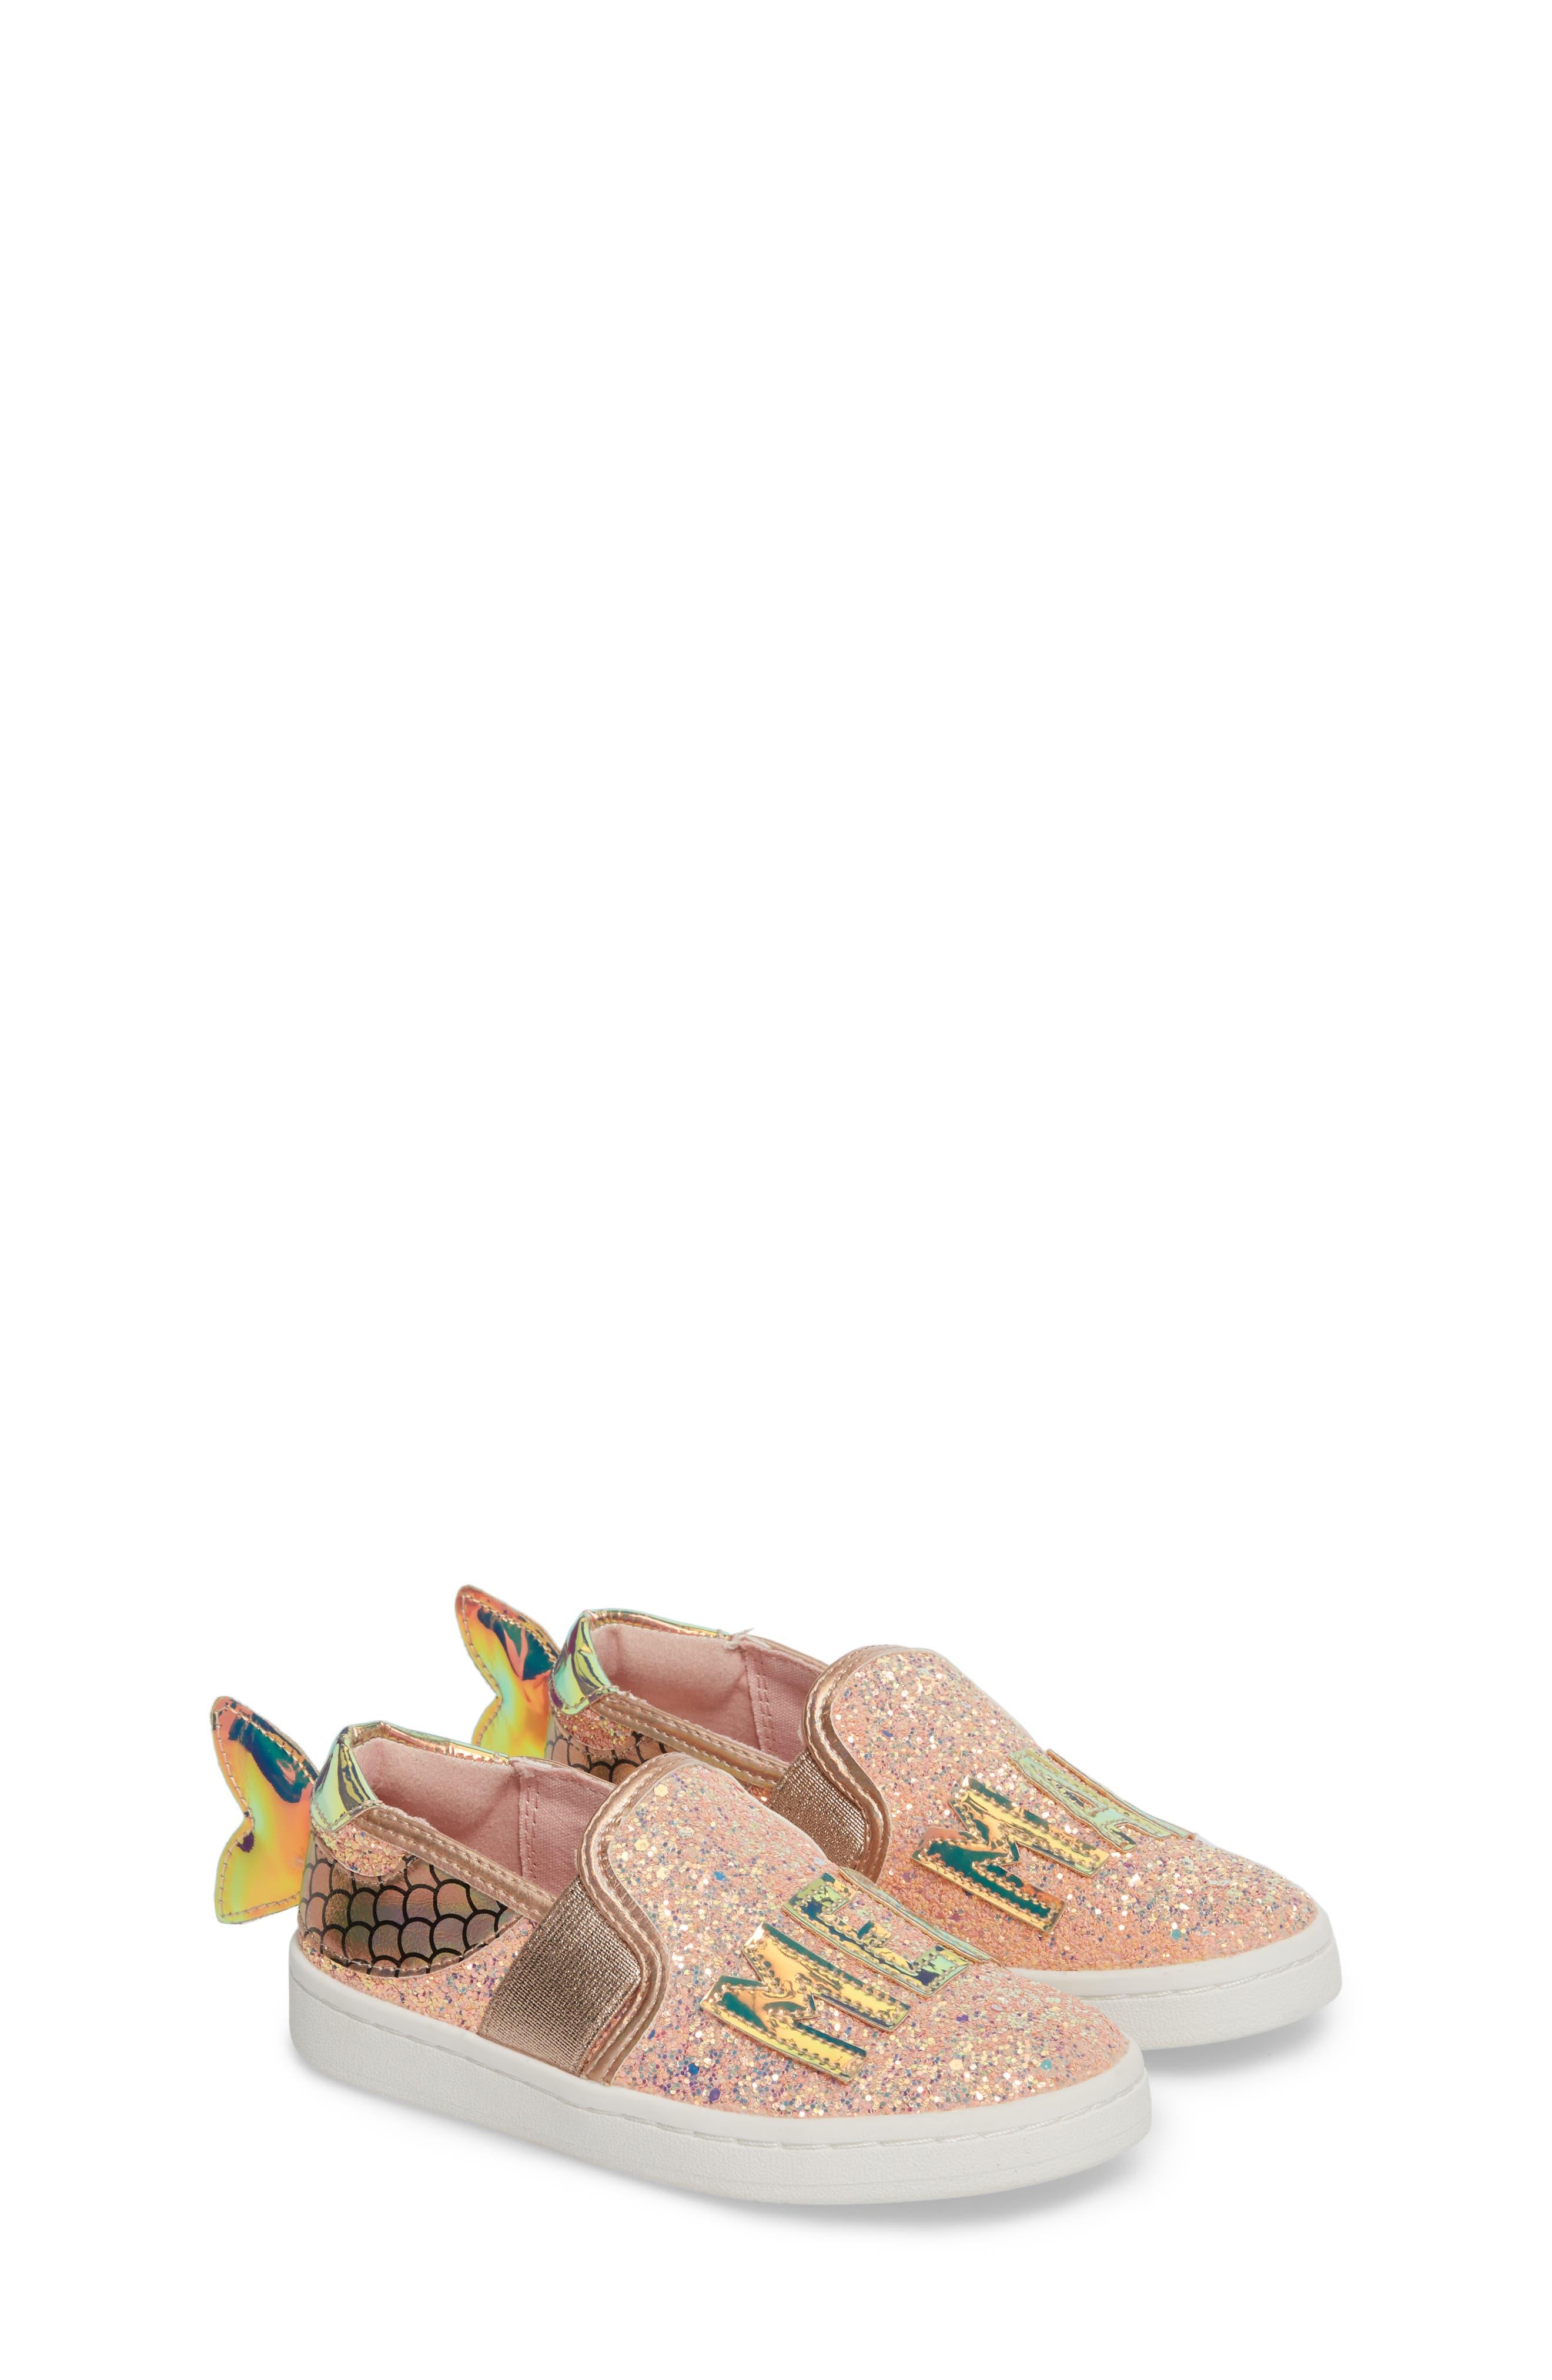 Blane Slip-On Sneaker,                             Alternate thumbnail 2, color,                             220